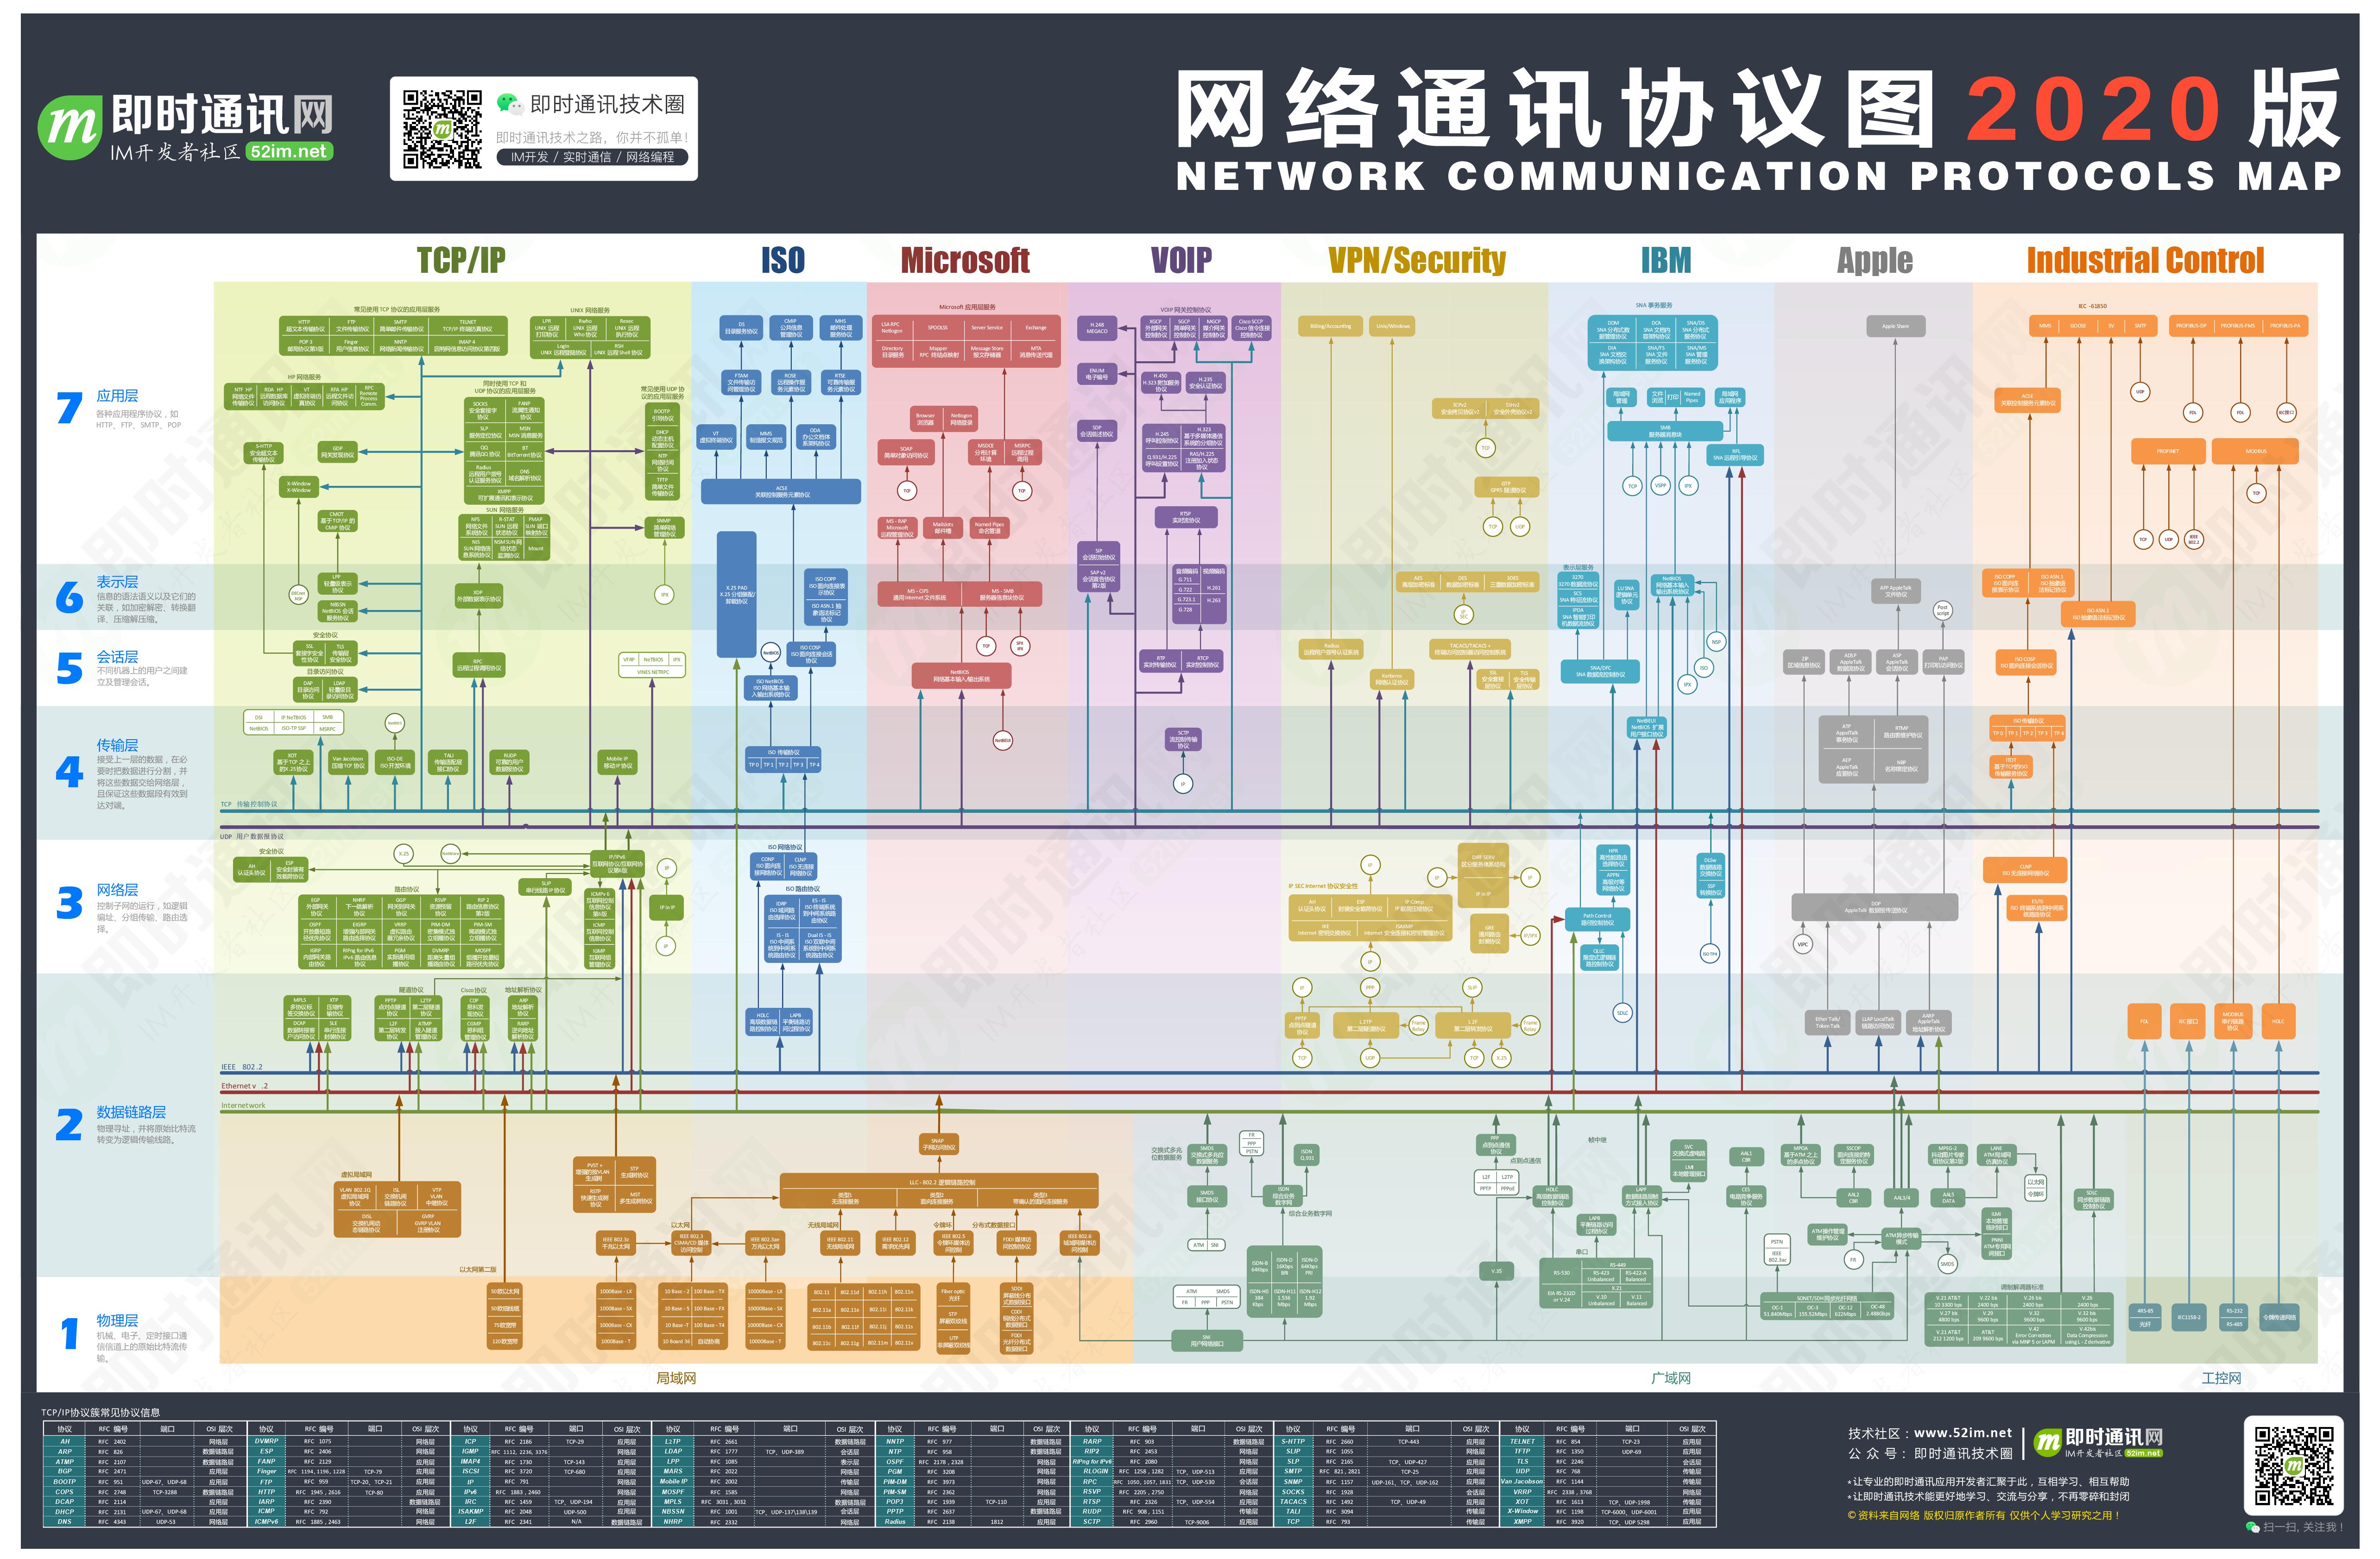 史上最全中文版网络通讯协议关系图